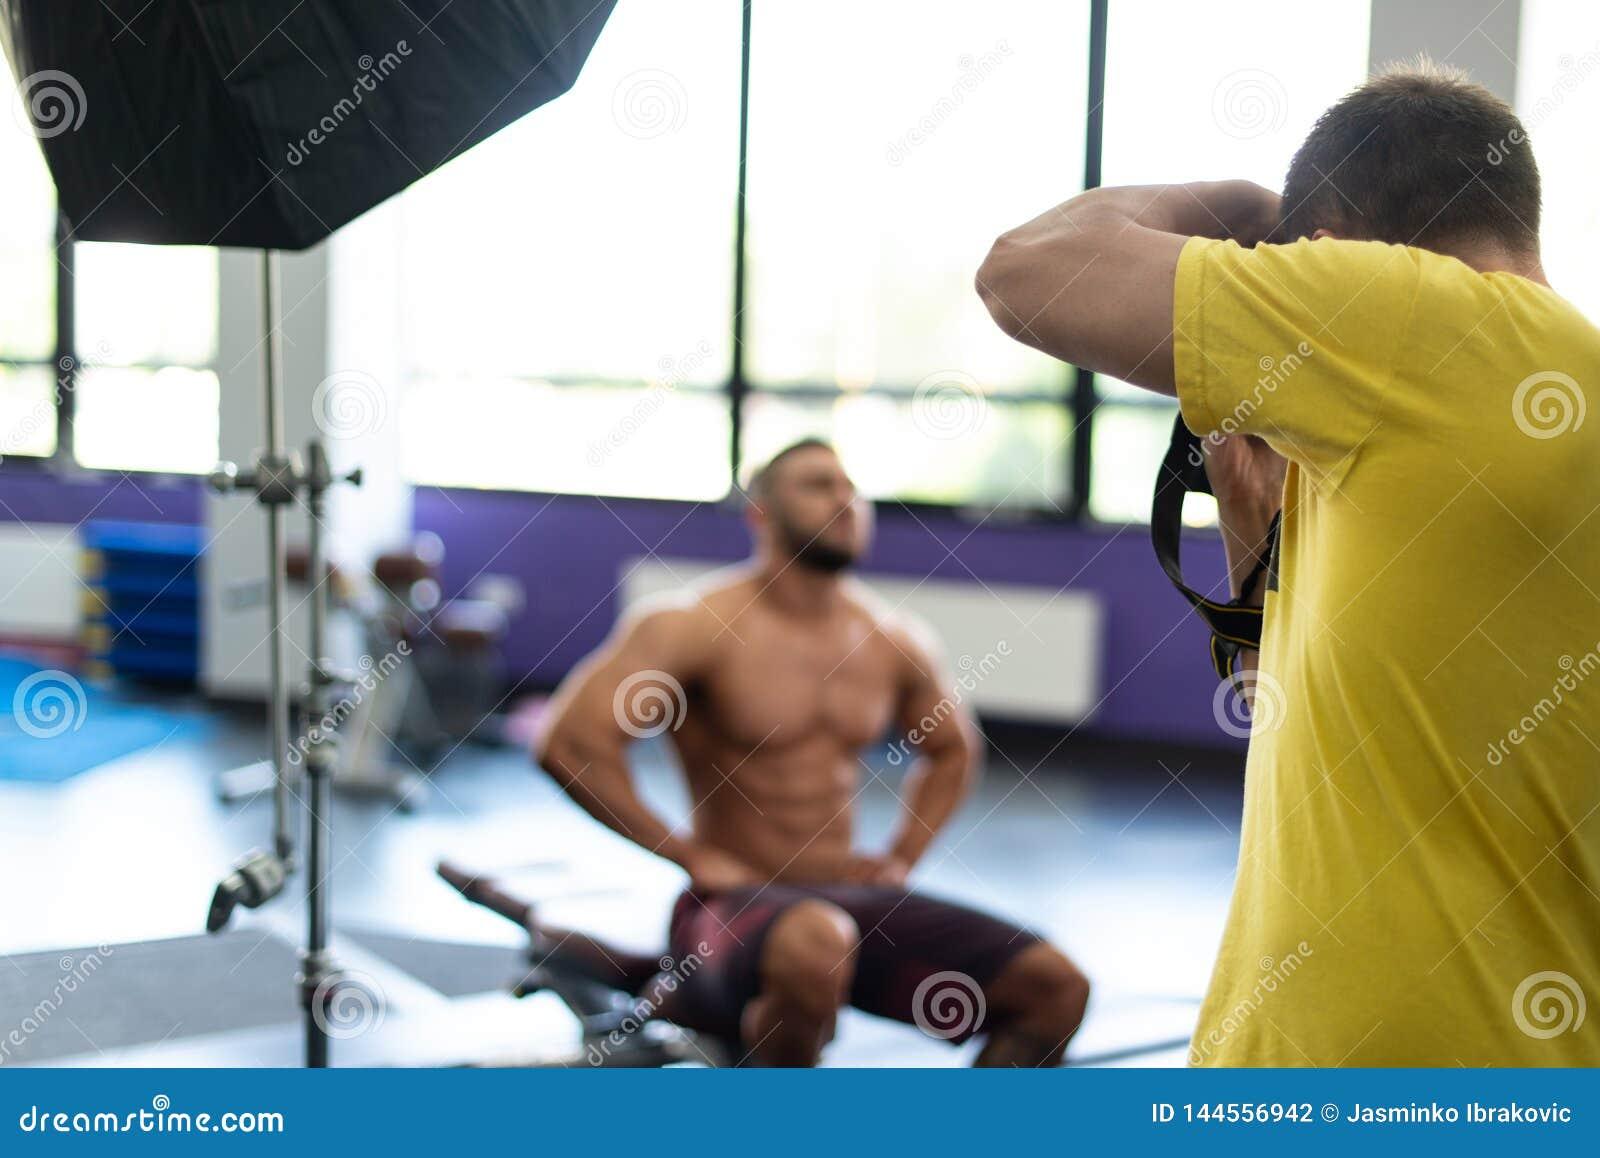 Fotograf Takes Pictures av en kroppsbyggare